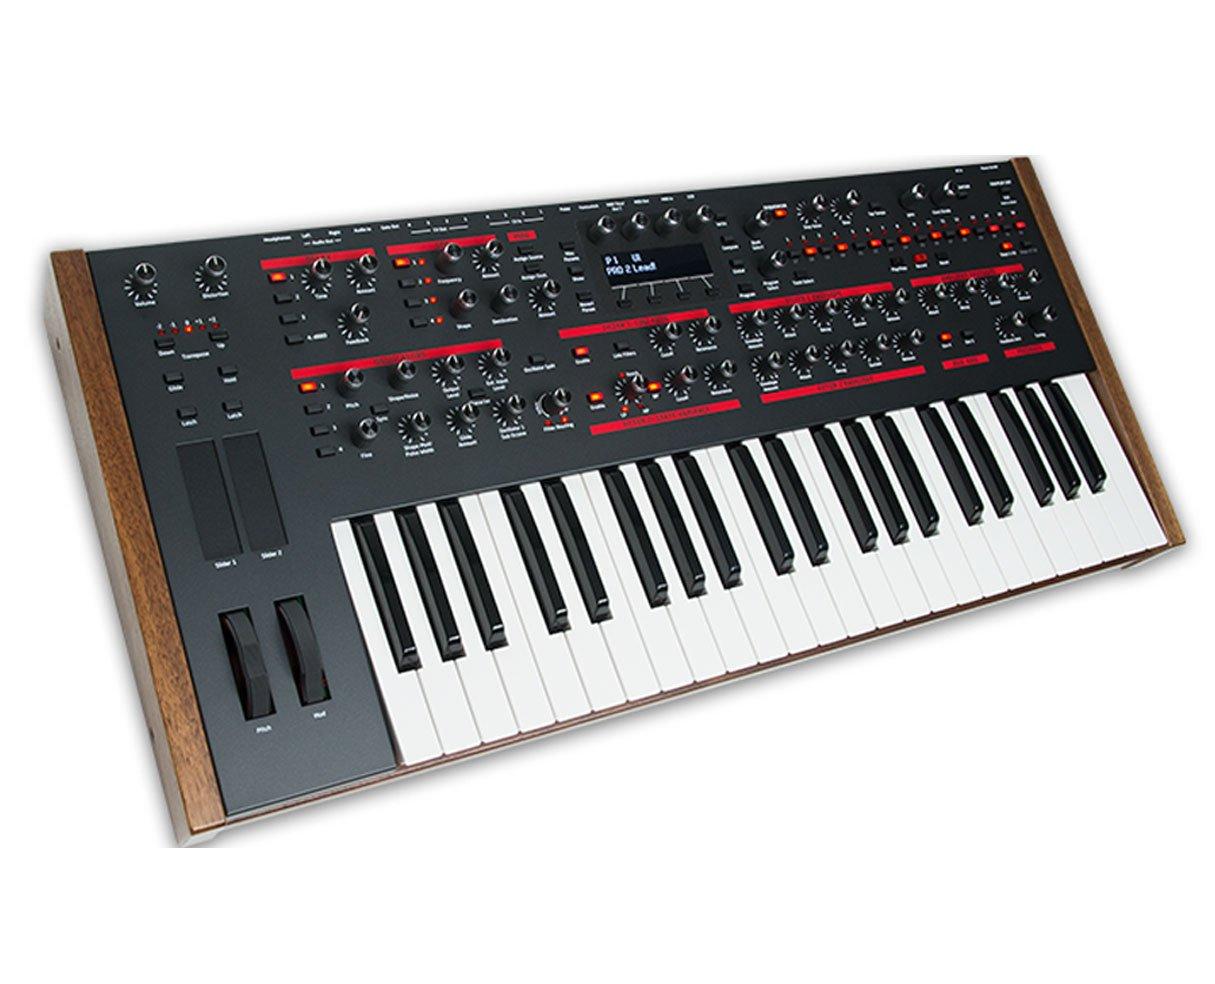 Dave Smith Pro 2 sintetizador con cuatro Digital osciladores y Sub oscilador: Amazon.es: Instrumentos musicales